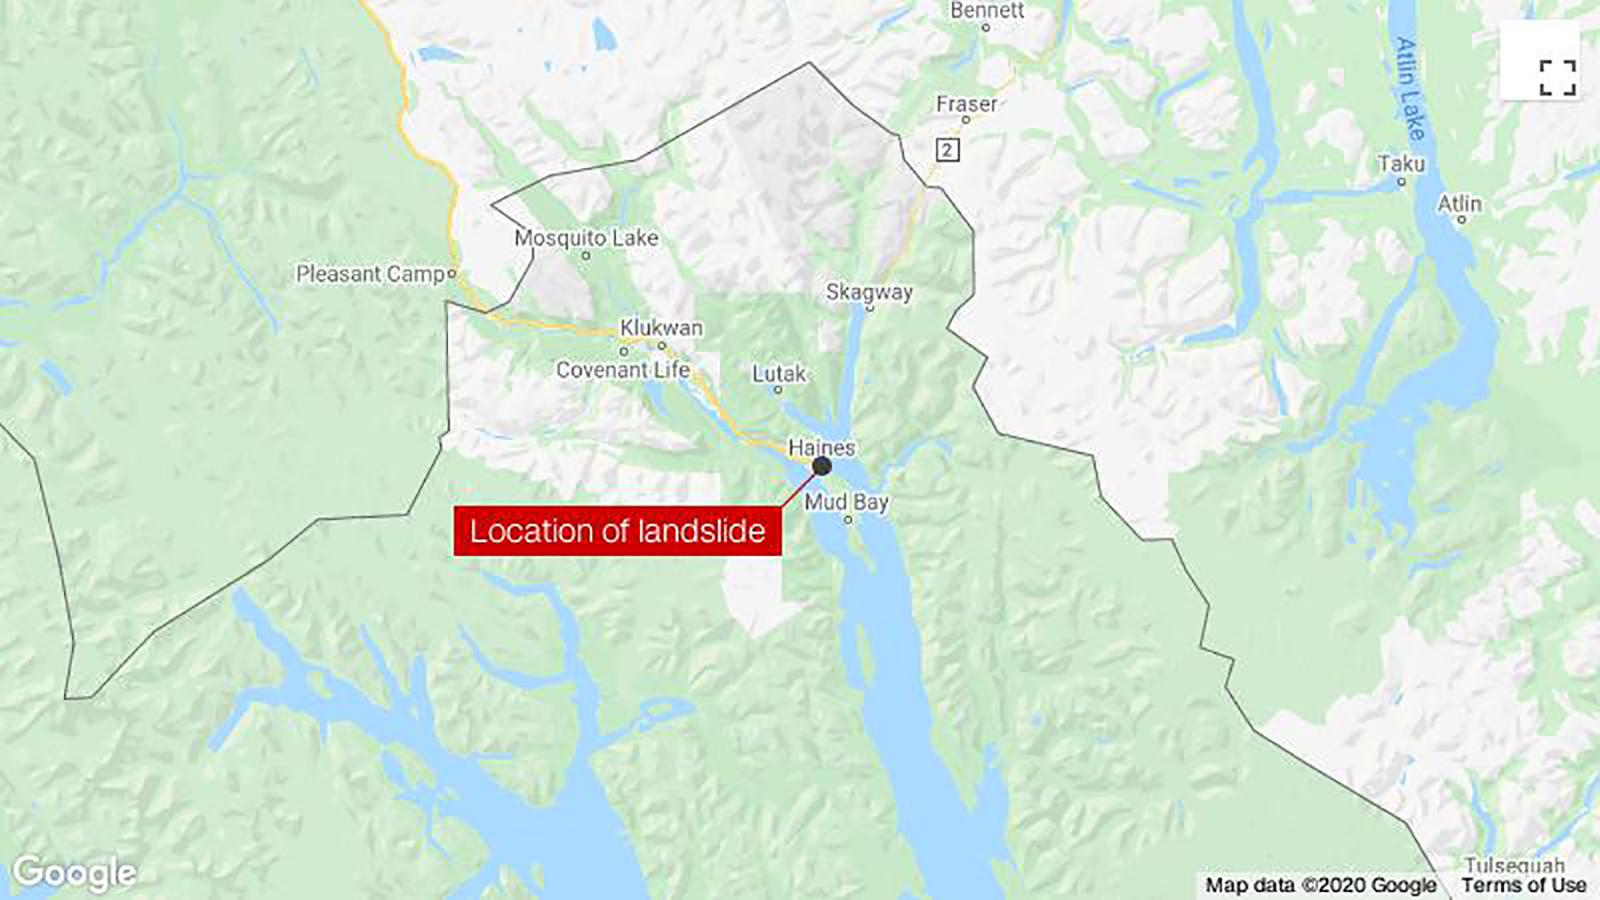 Six people are missing after landslides in Alaska